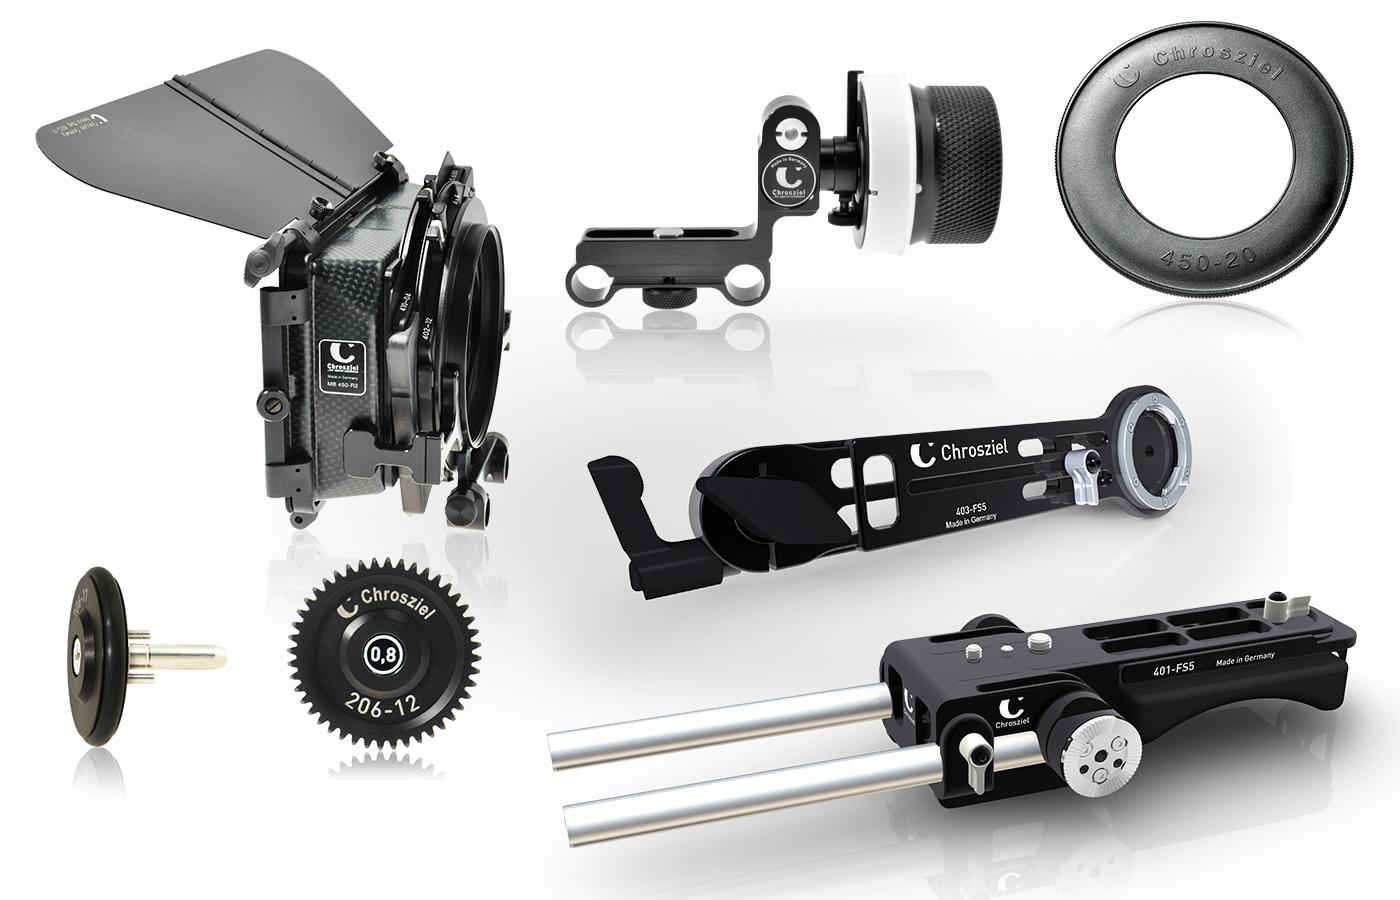 Kit für Sony PXW-FS5: Mattebox 450R2 EXT 403-FS5, FF 206-05S